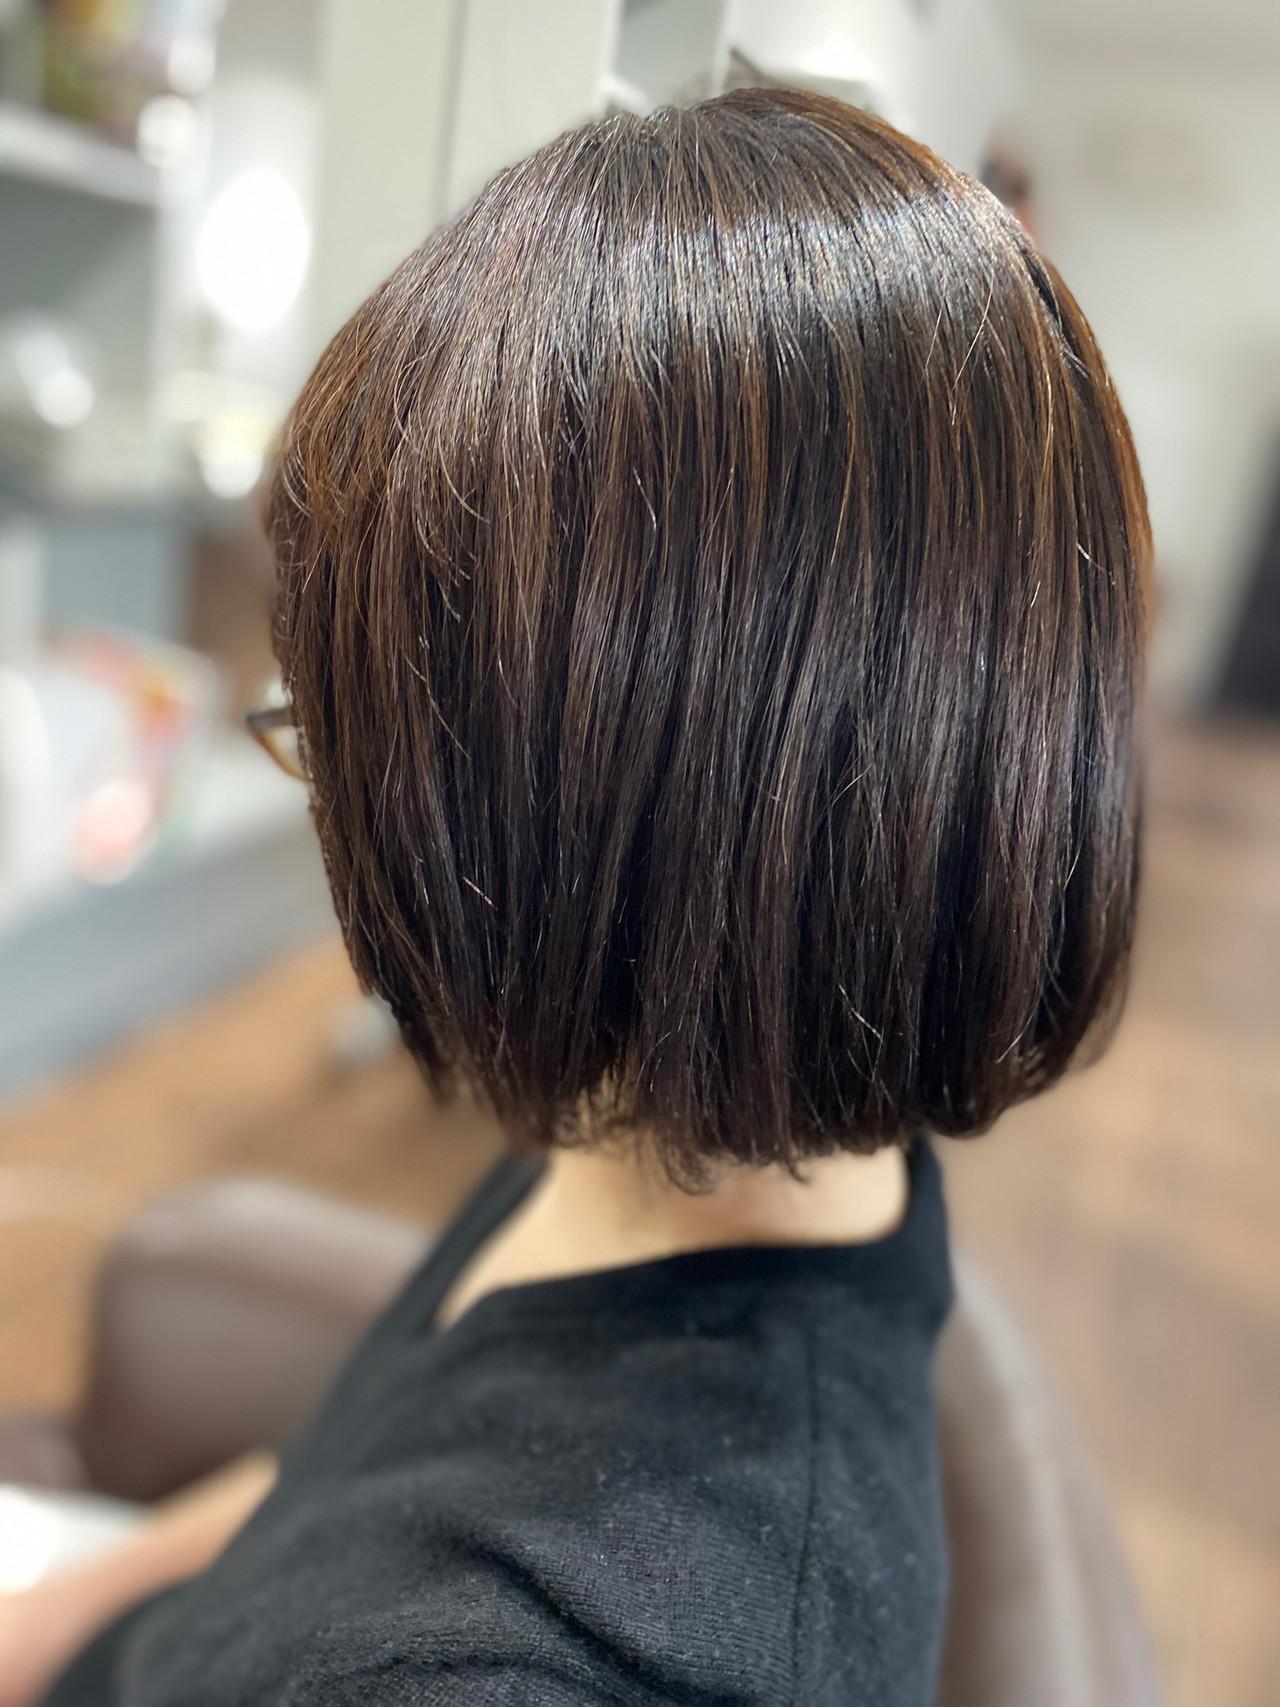 ボブ 切りっぱなしボブ デジタルパーマ ショートヘア ヘアスタイルや髪型の写真・画像 | エイ / aime